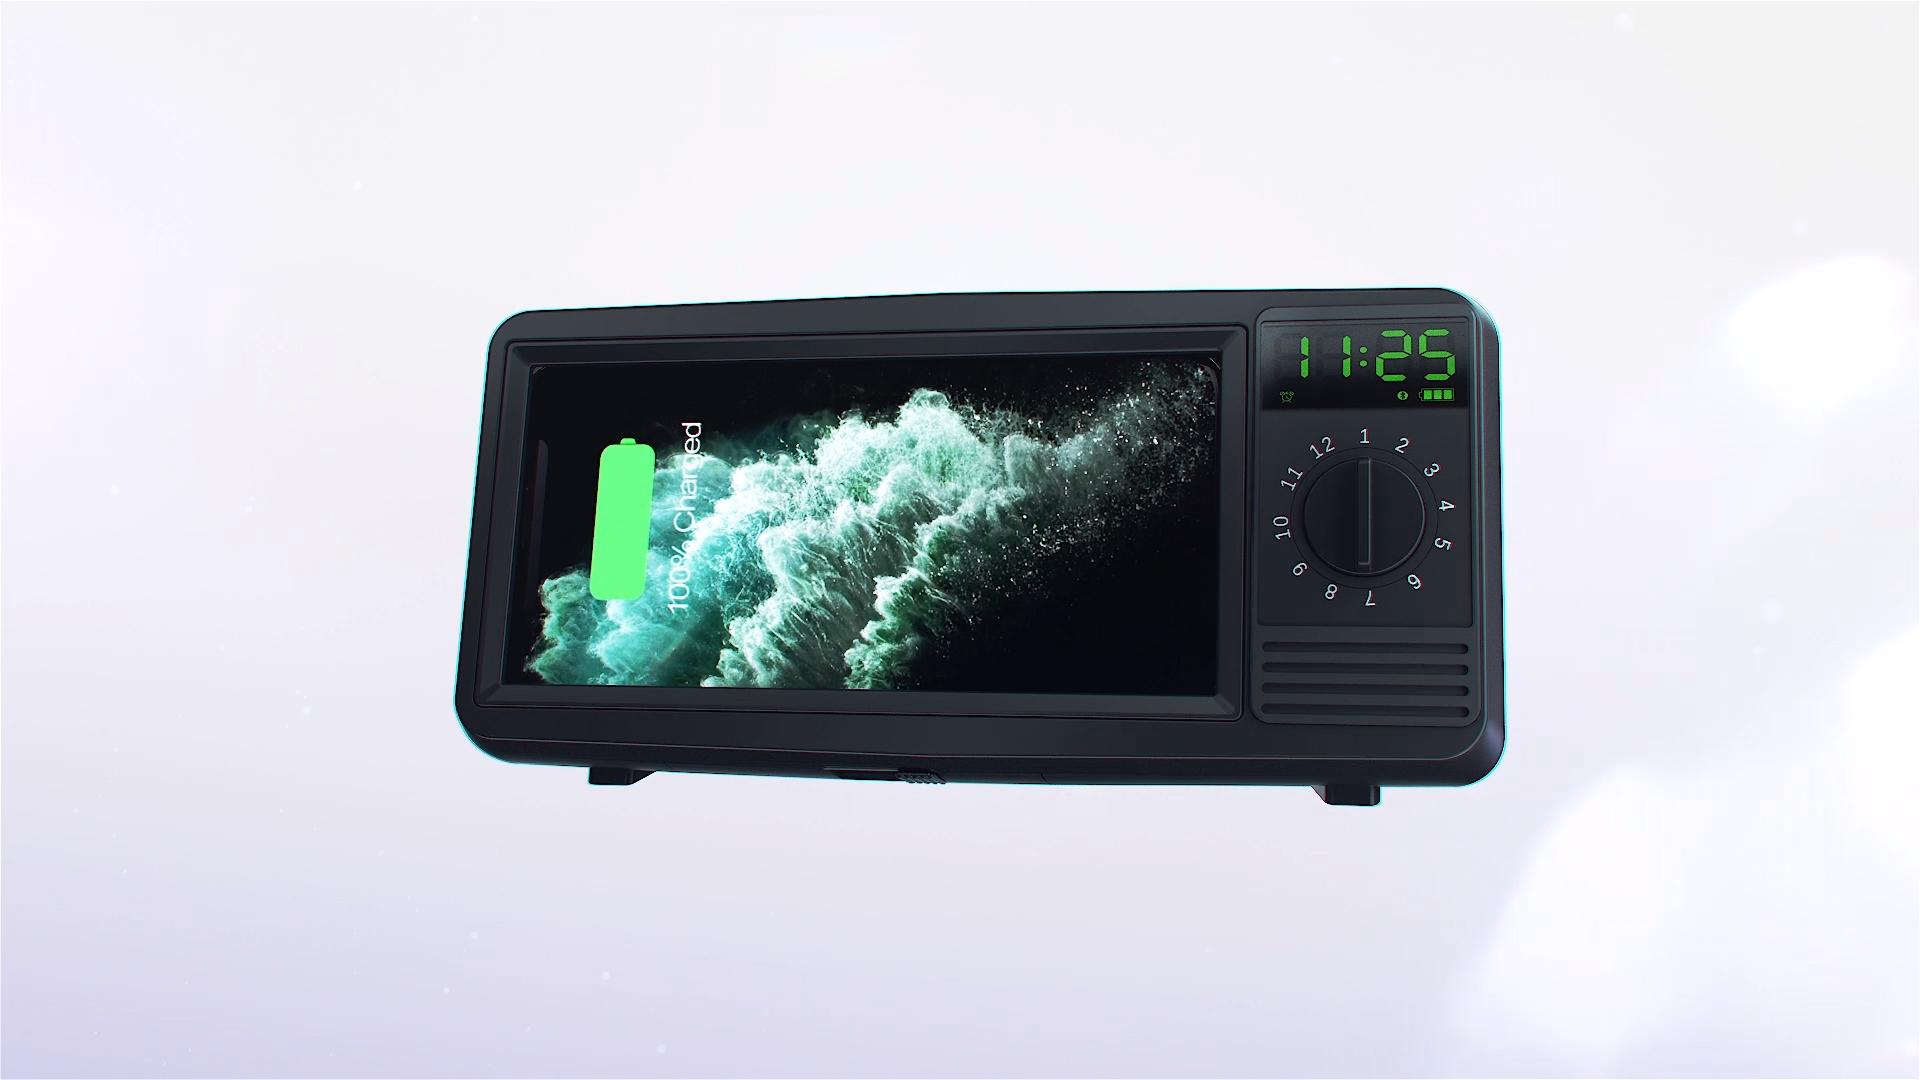 3 ב 1 רטרו TF כרטיס Bluetooth רמקול אלחוטי מטען עם פונקצית שעון מעורר